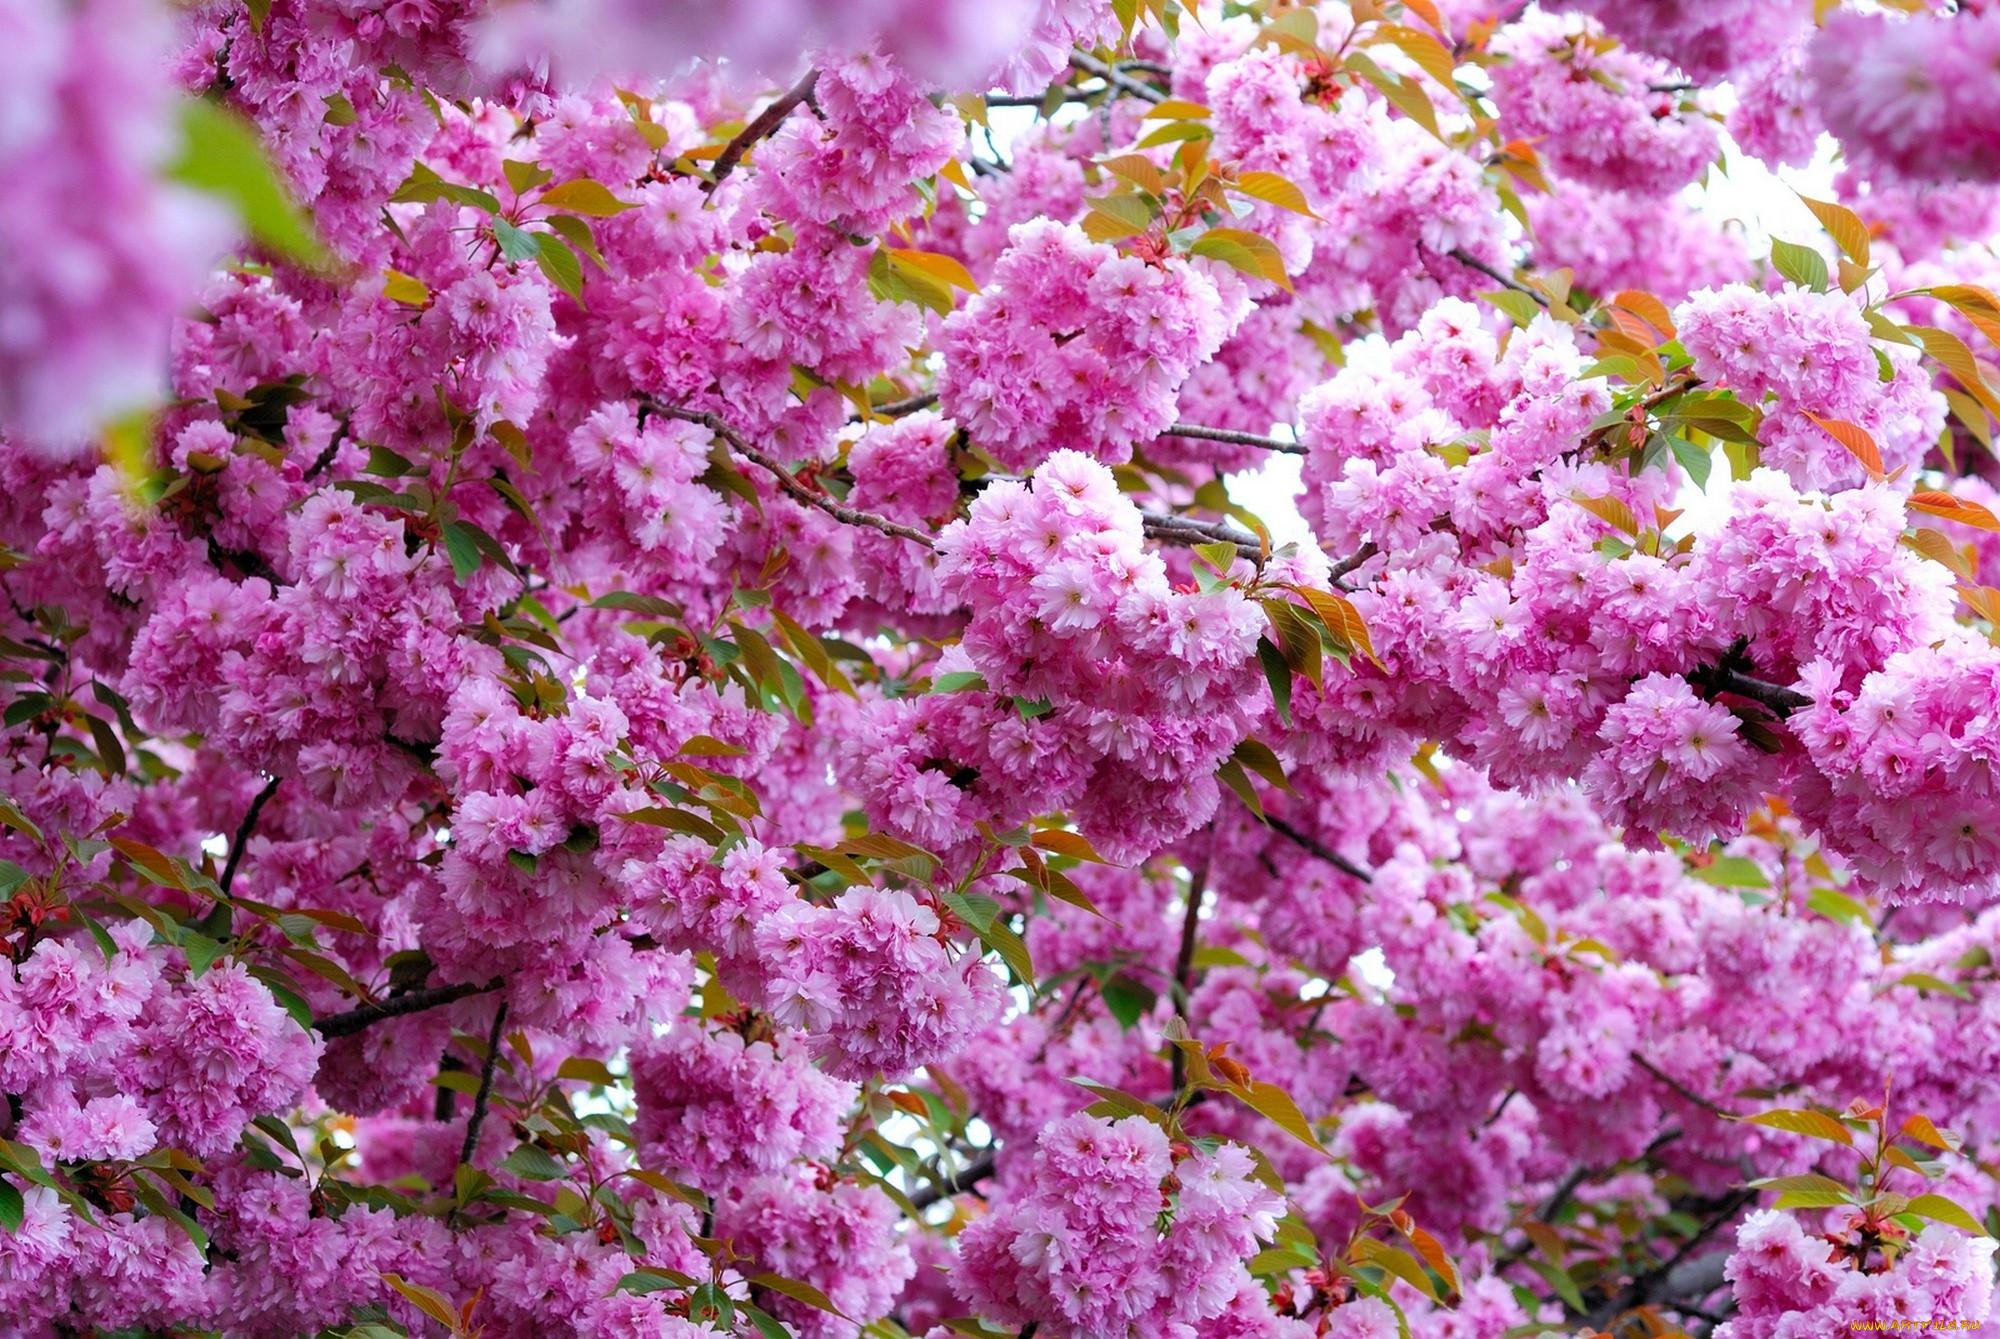 цветение деревьев бело розовым цветом фото можно употреблять